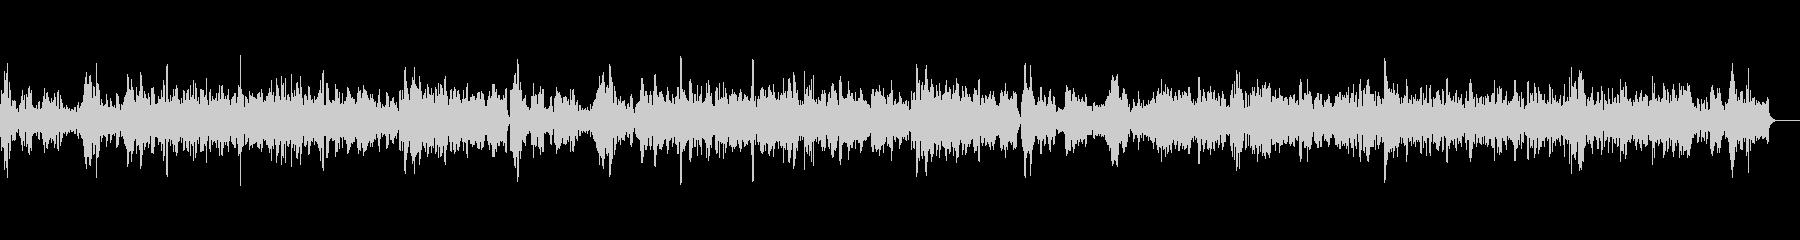 教会に響き渡るバイオリン独奏曲4の未再生の波形